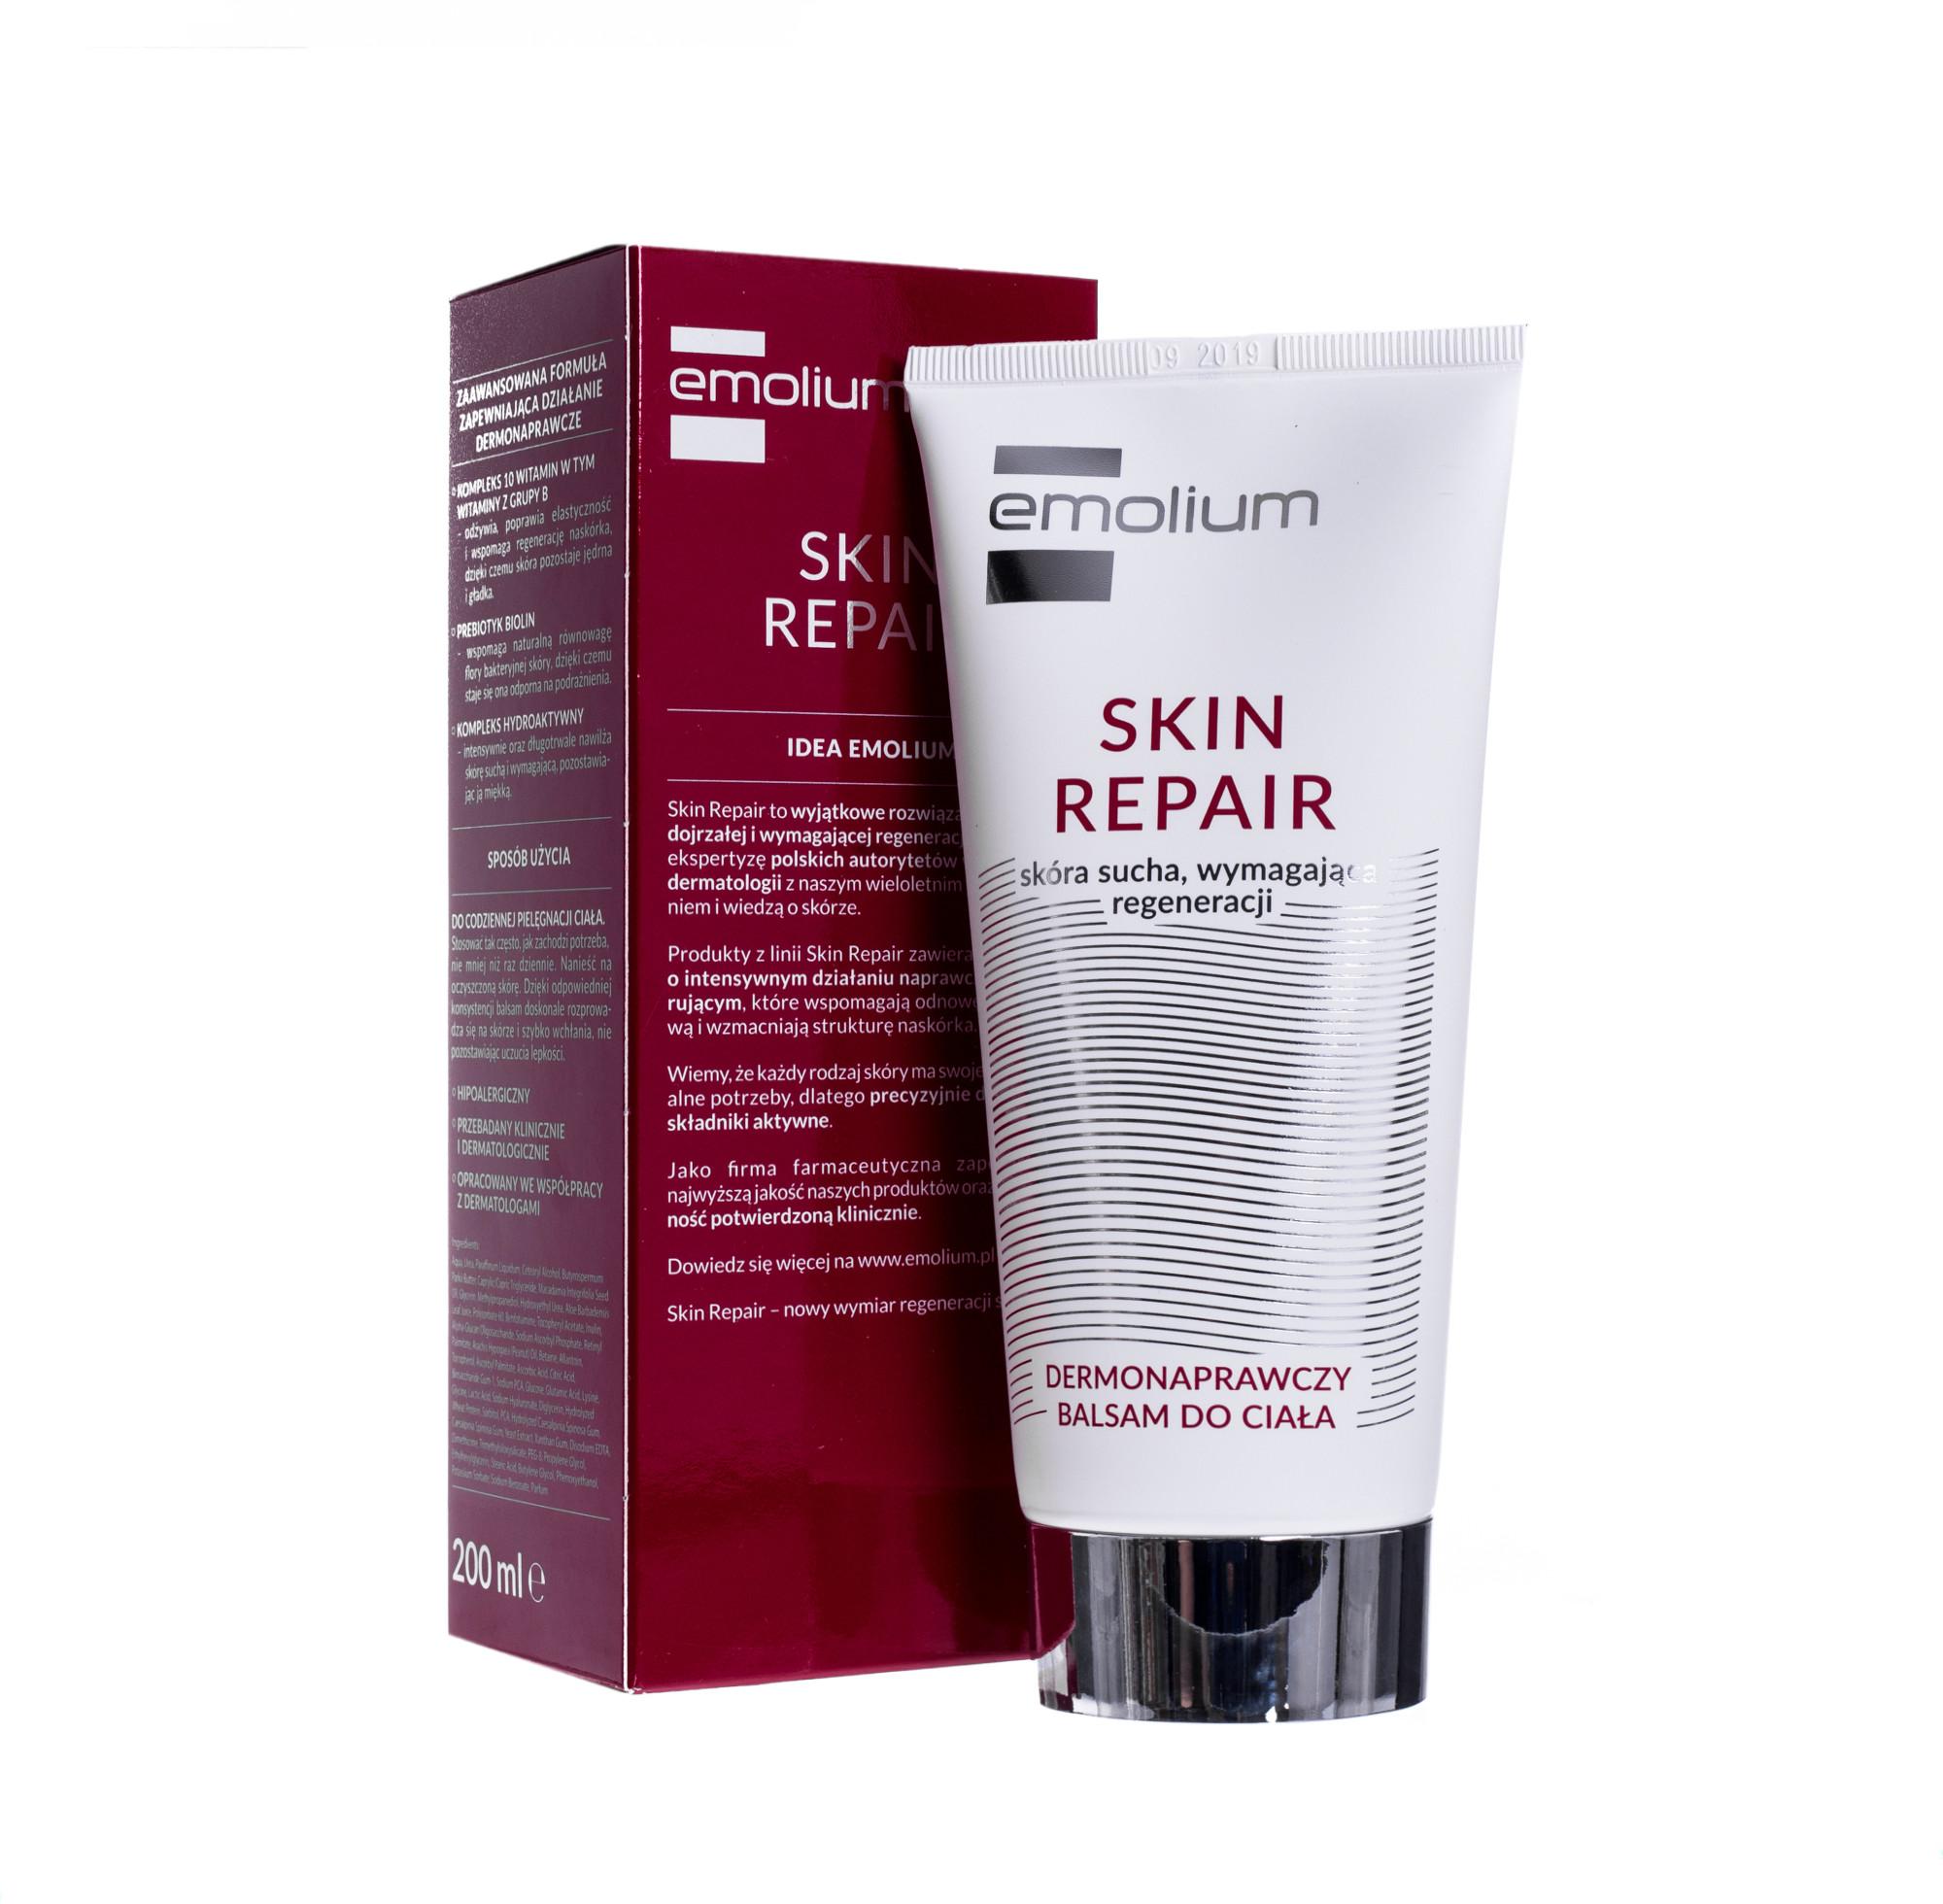 Nepentes Emolium Skin Repair dermonaprawczy balsam do ciała 200 ml | DARMOWA DOSTAWA OD 149 PLN!